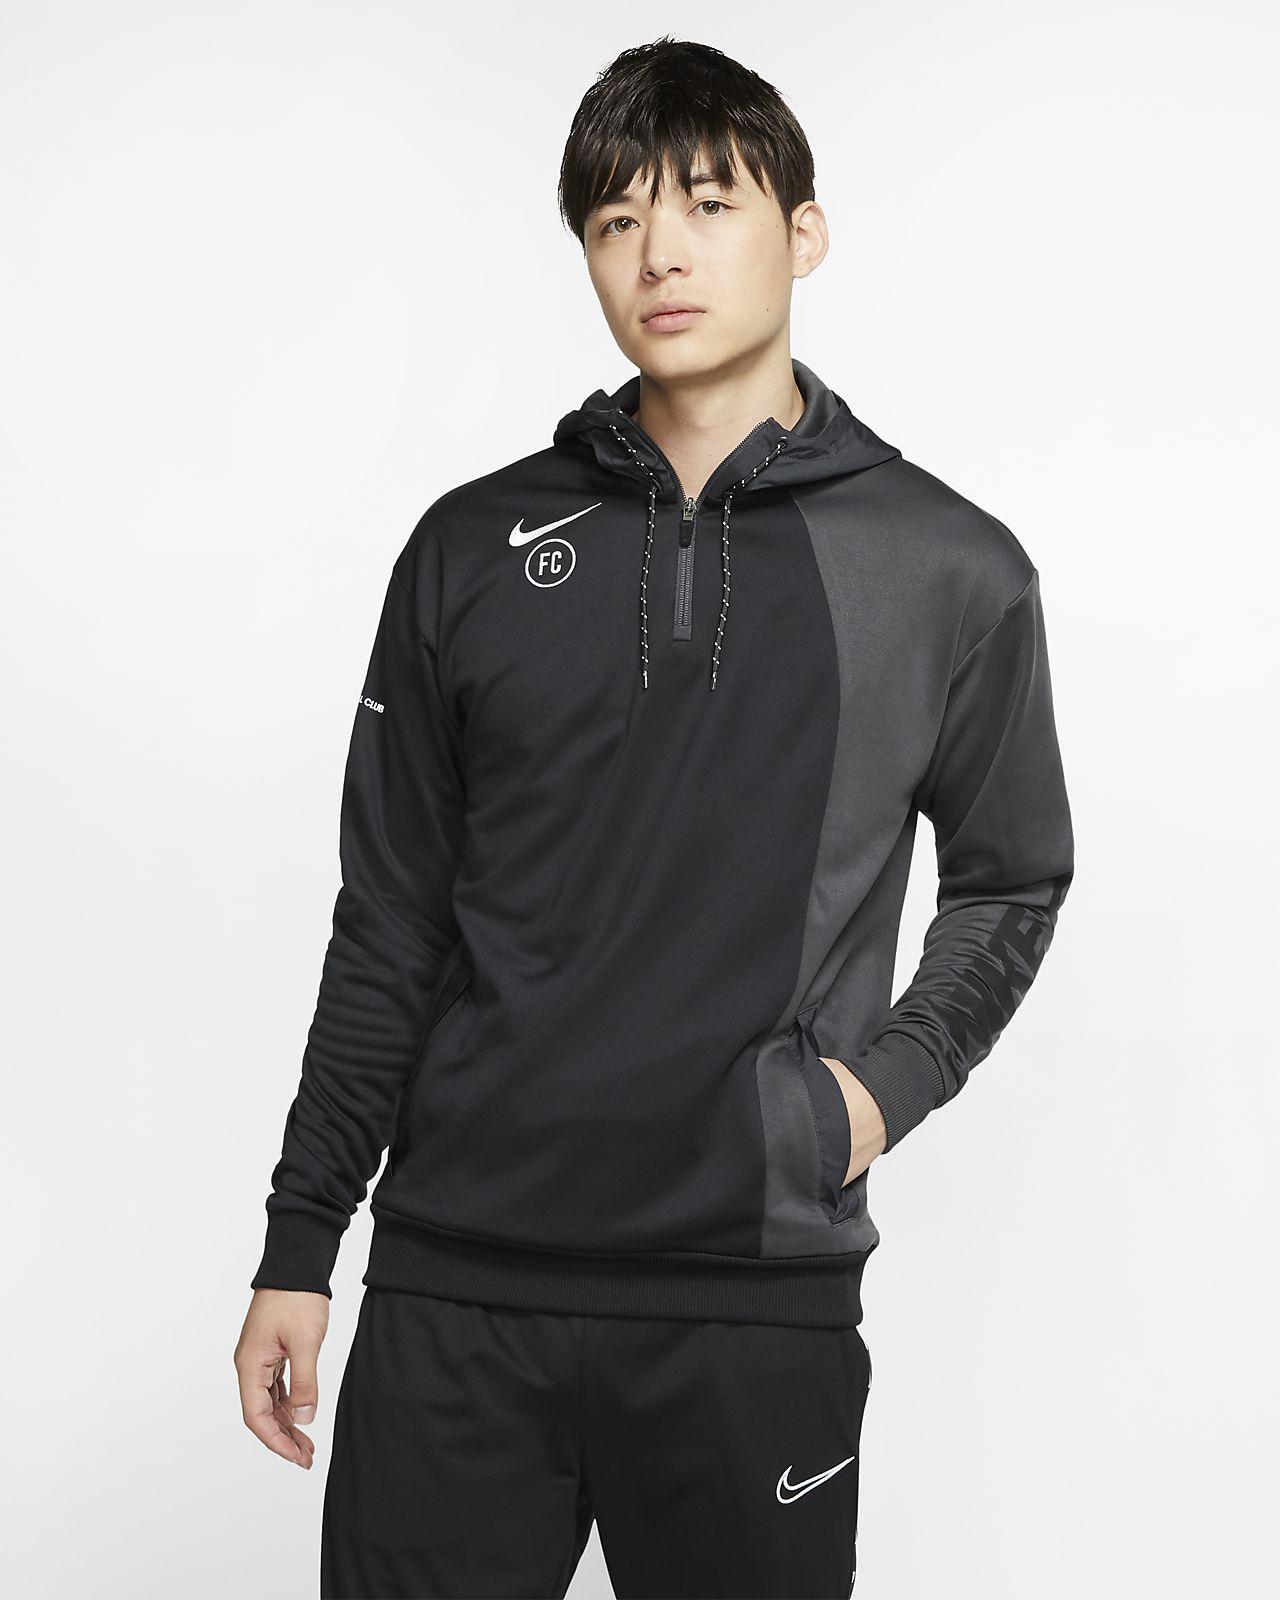 Nike F.C. Biel AT6097 100